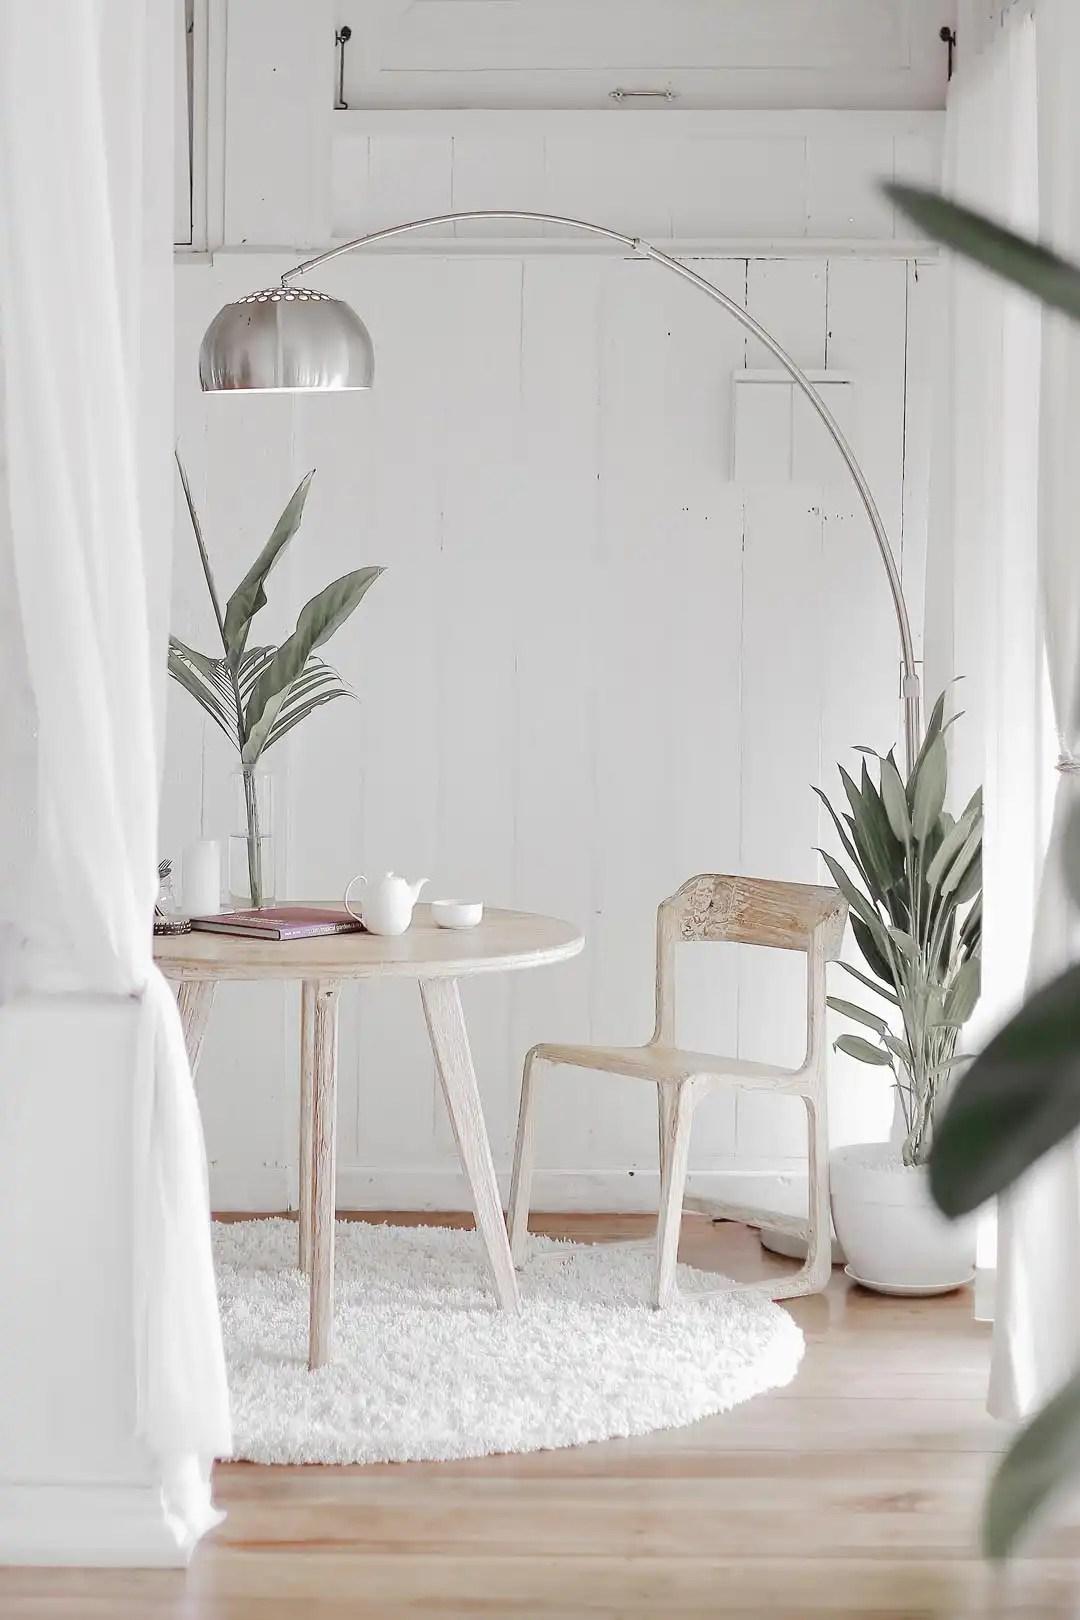 Ufficio in casa: come arredare un angolo studio per lo ...